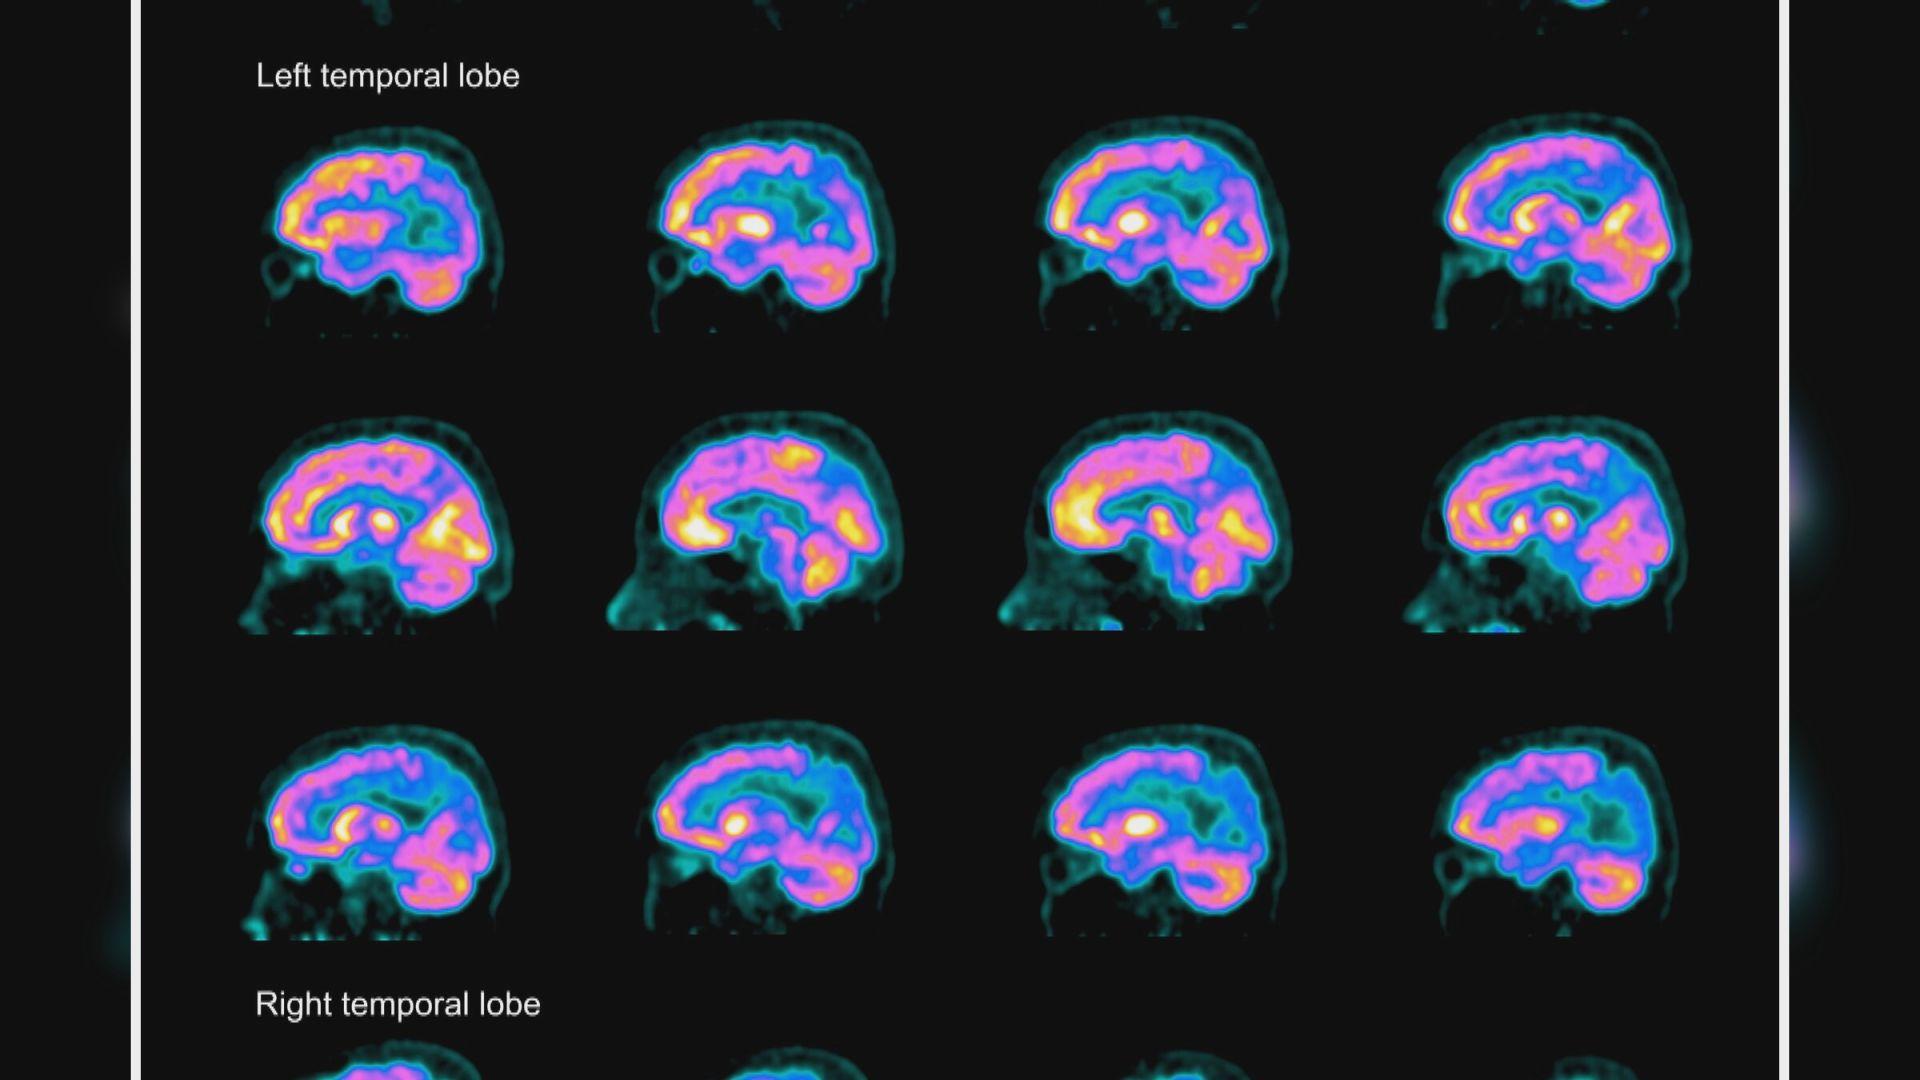 【環球薈報】研究發現新驗血方法能更準確測出認知障礙